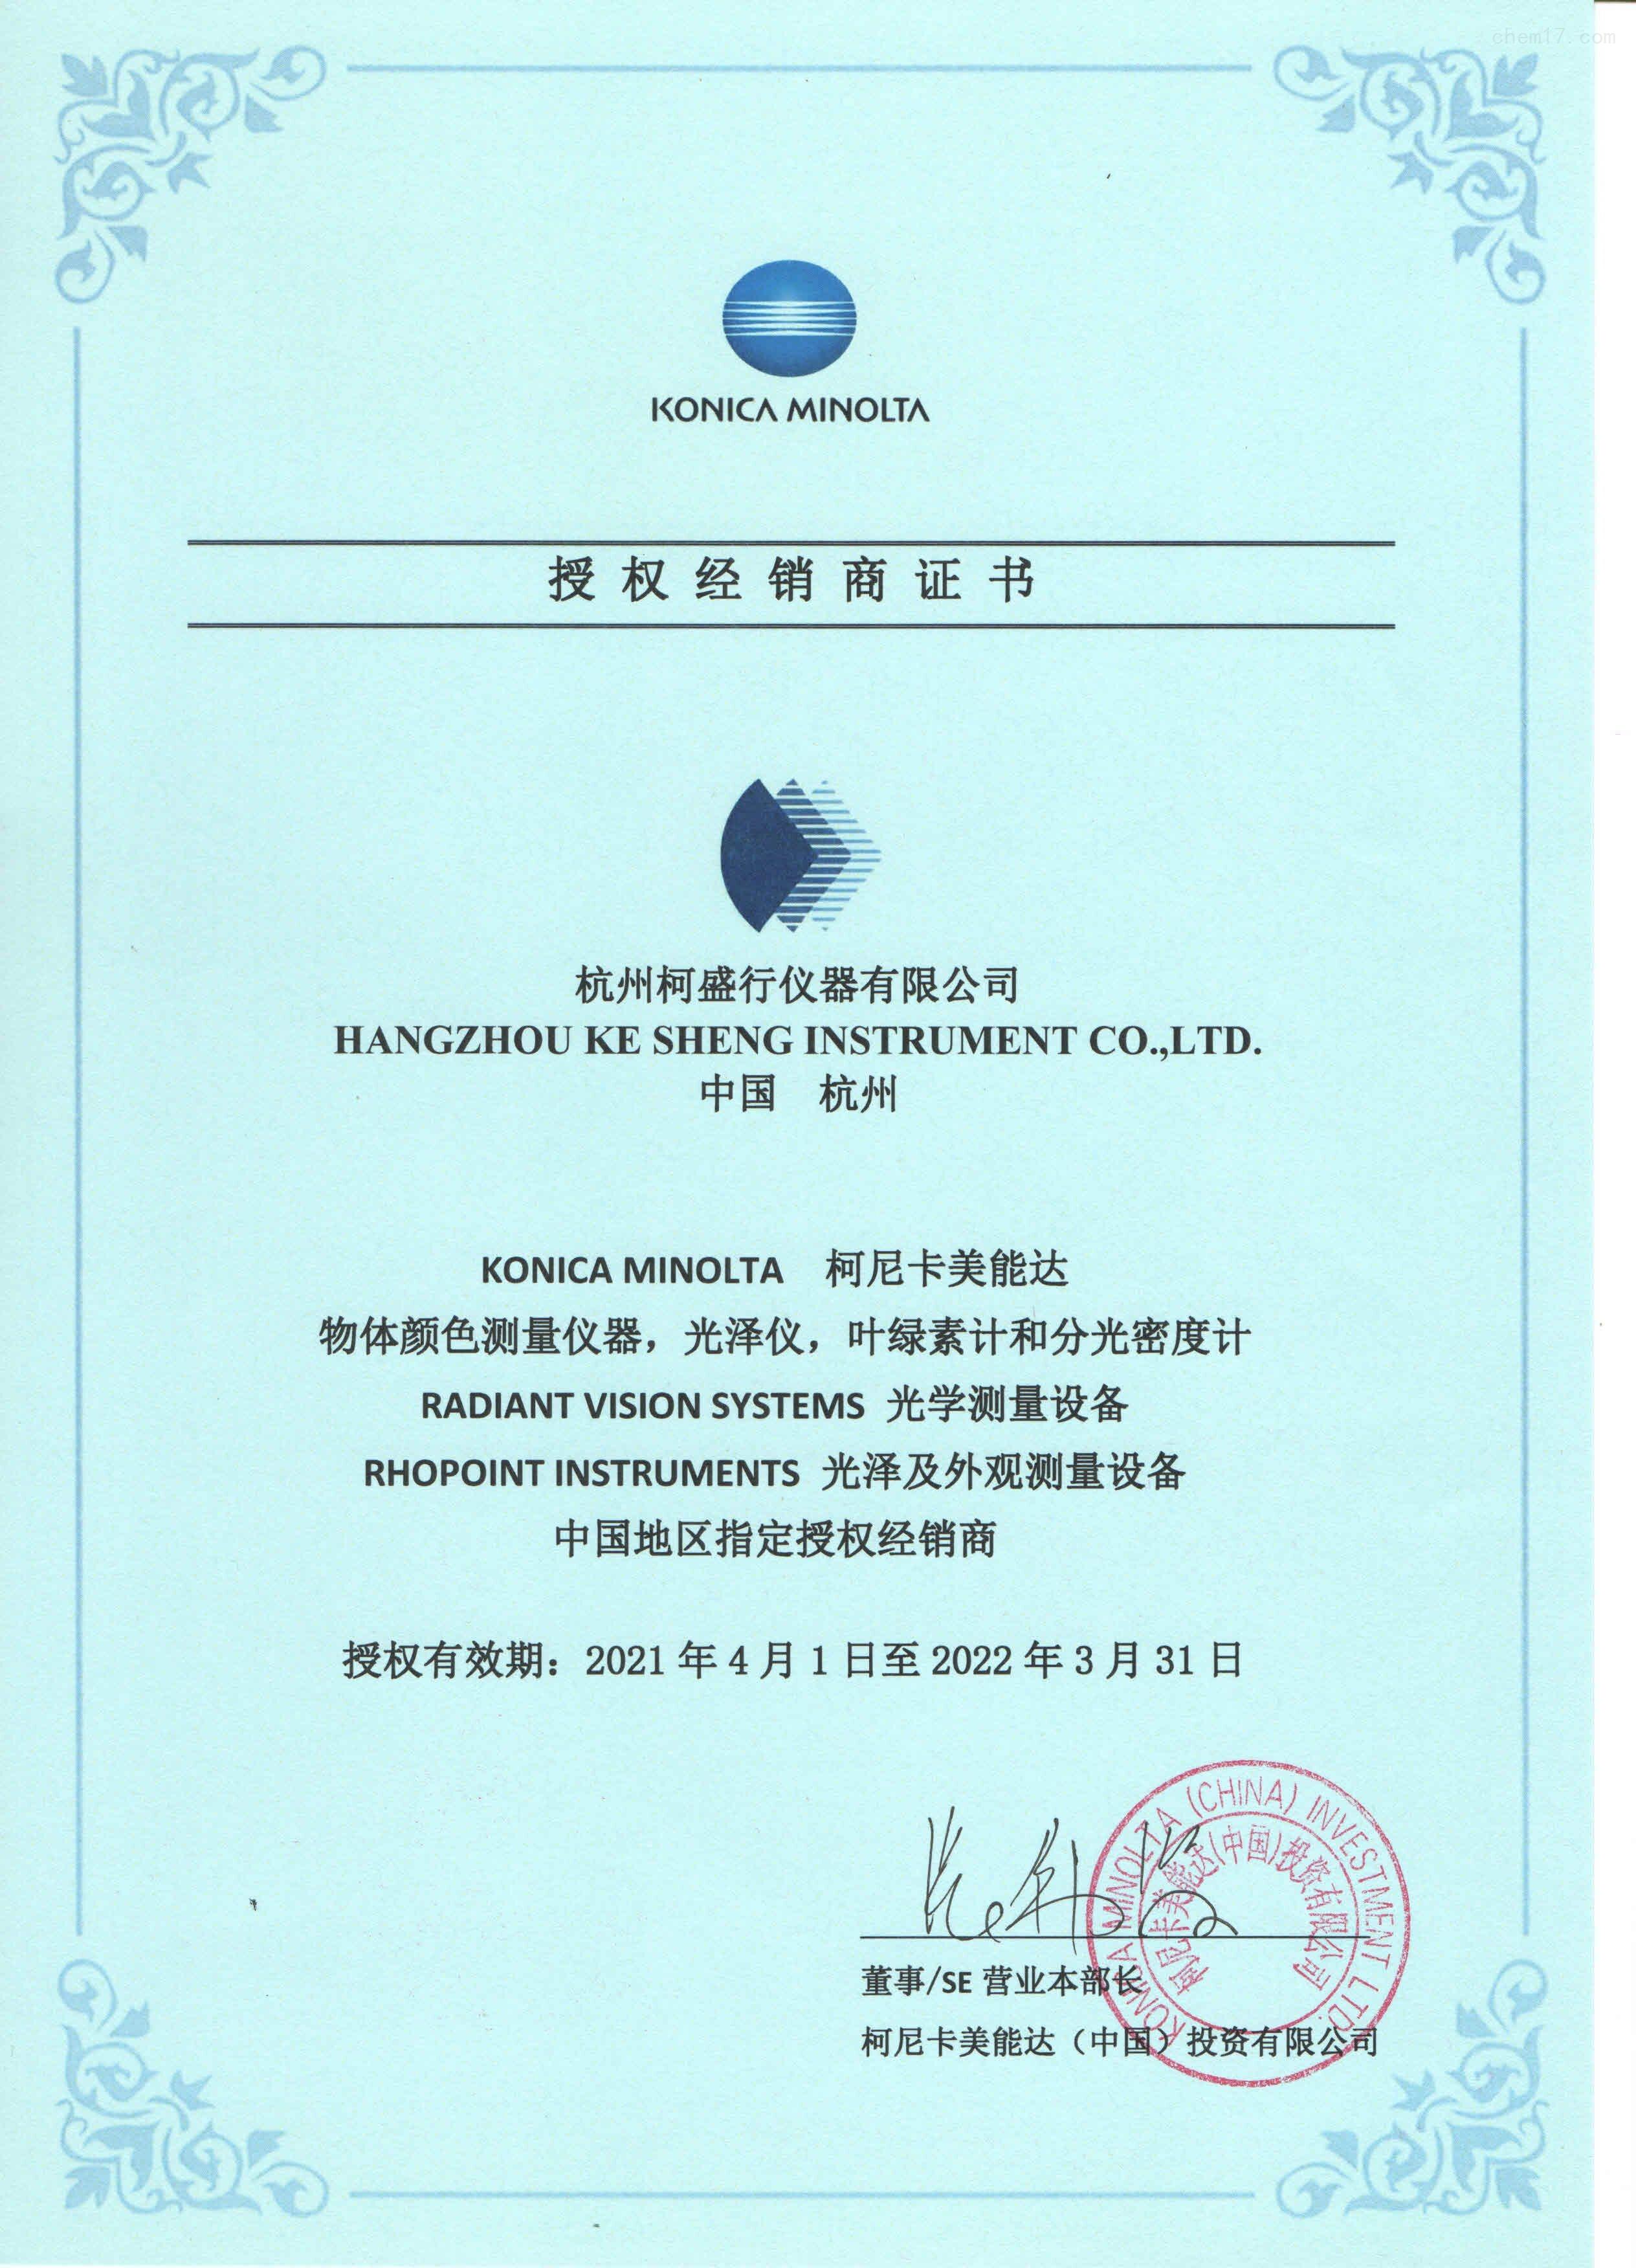 授权经销商证书